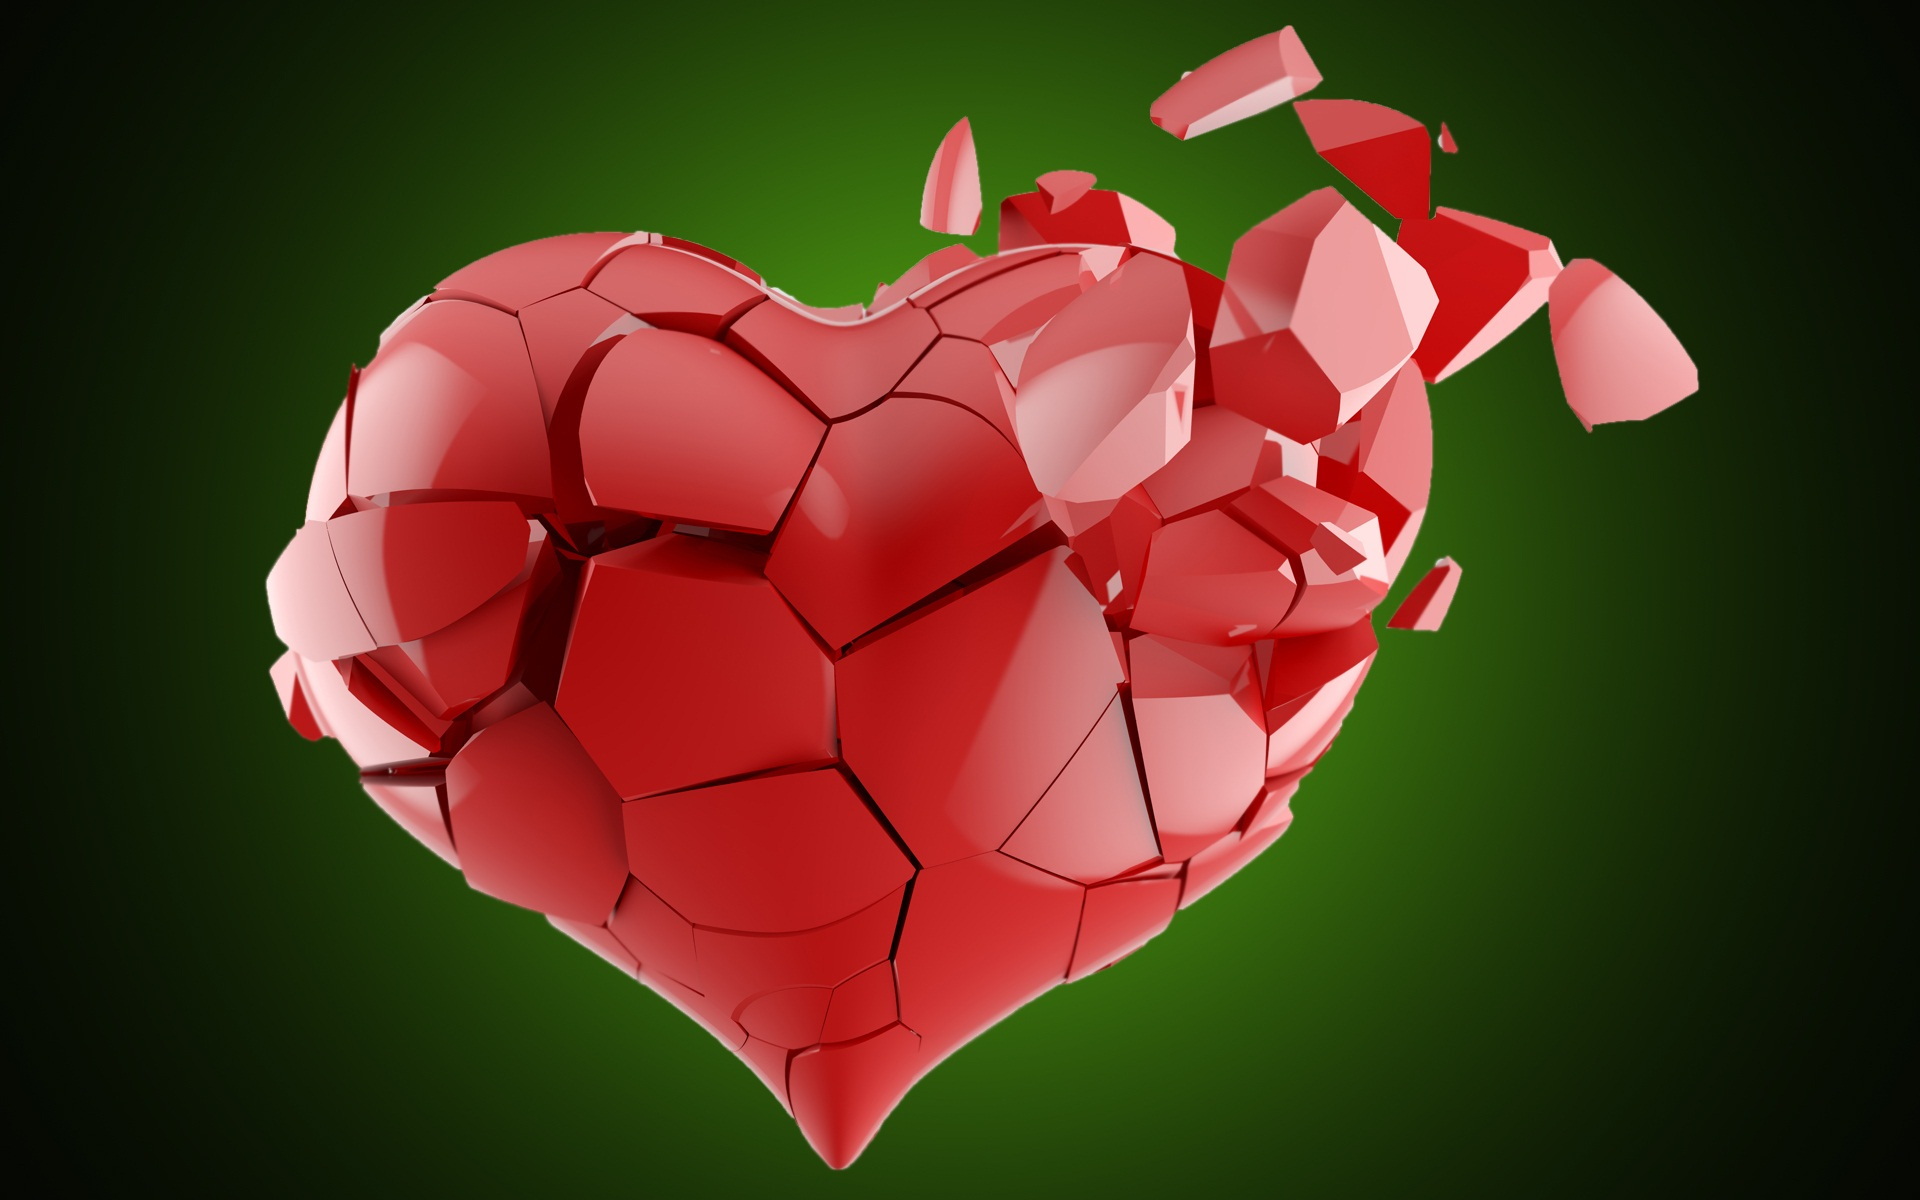 Broken Heart Quotes Wallpapers For Mobile Free Download Broken Heart Background Pixelstalk Net